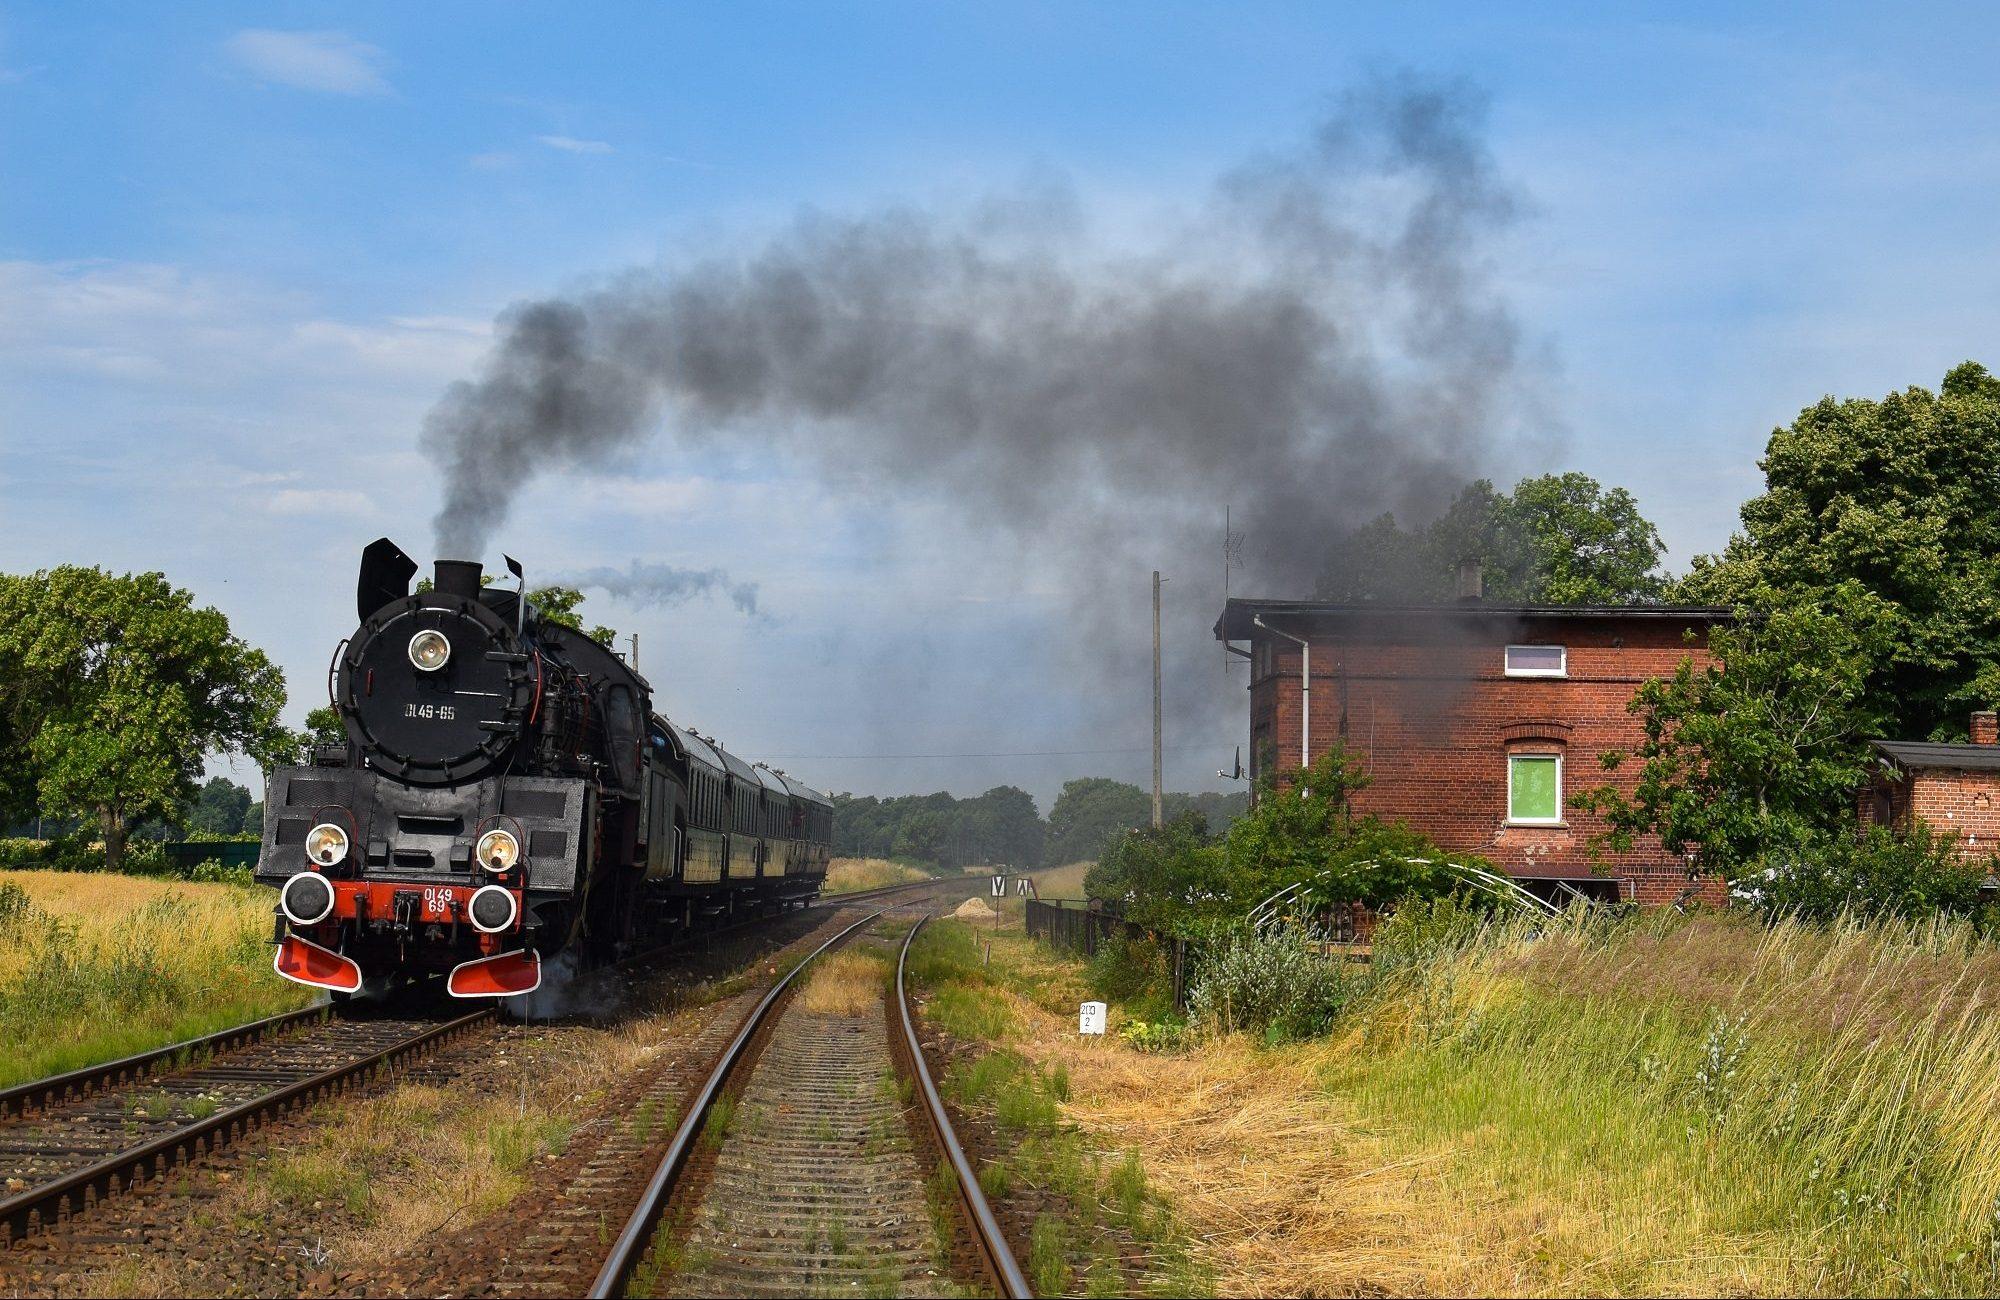 Zabytkowy parowóz w okolicach Wolsztyna (fot. Paweł Stobiński)